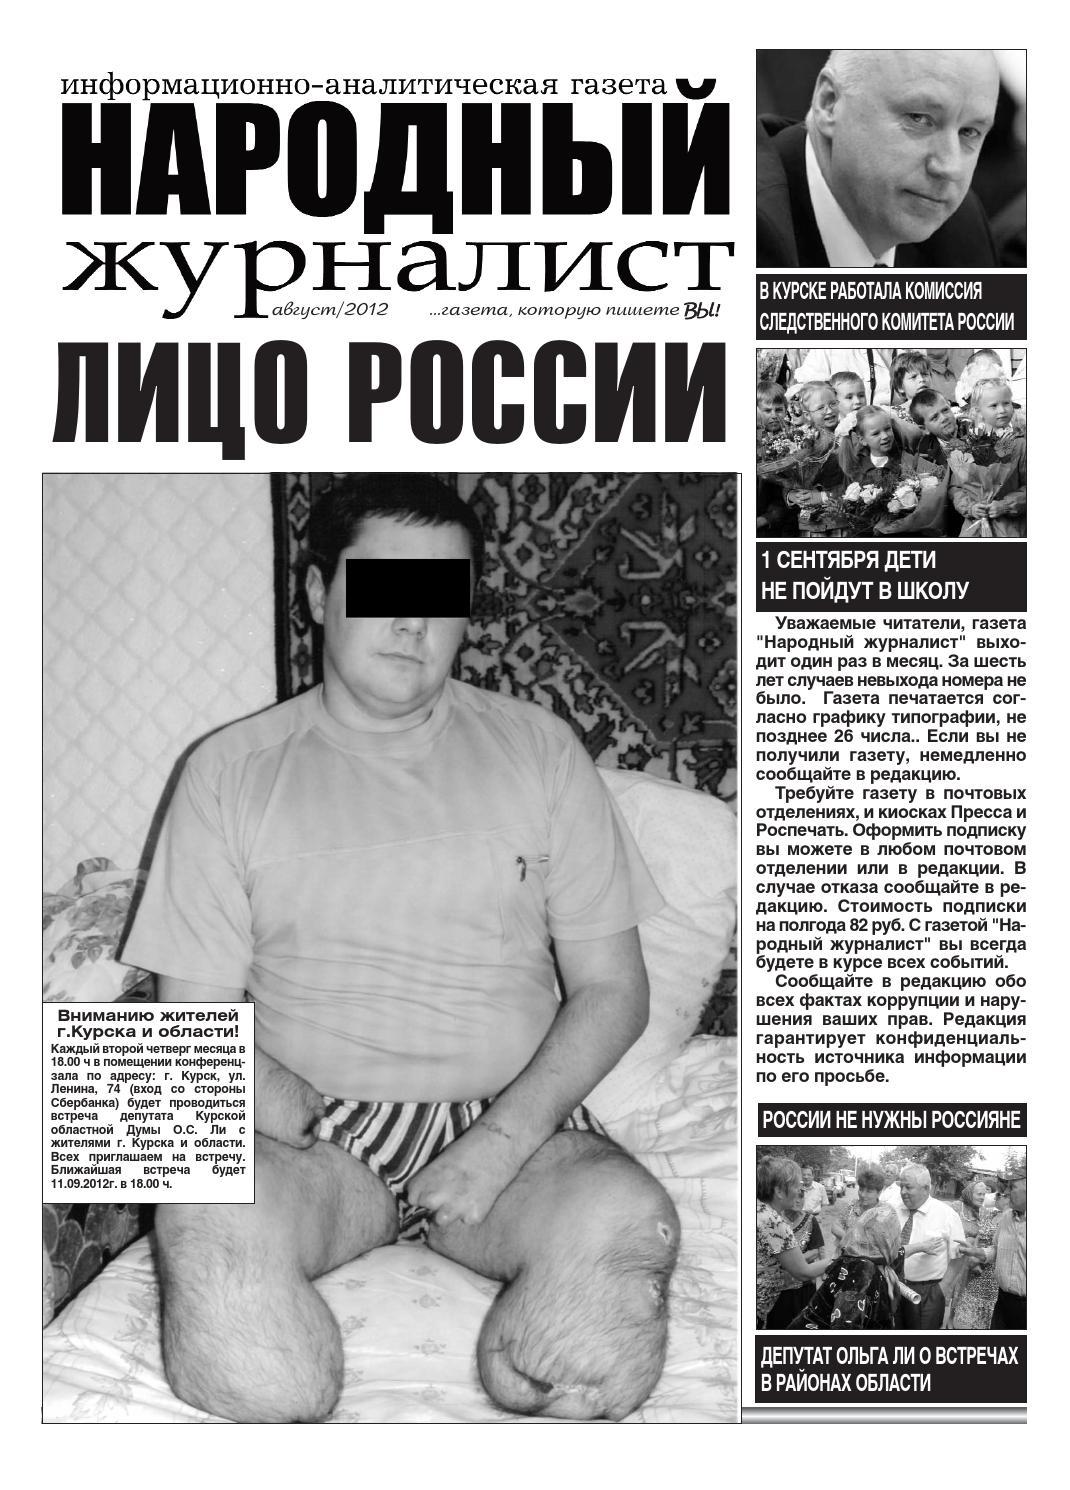 Ремонт и обслуживание АКПП, замена масла в АКПП г. Челябинск